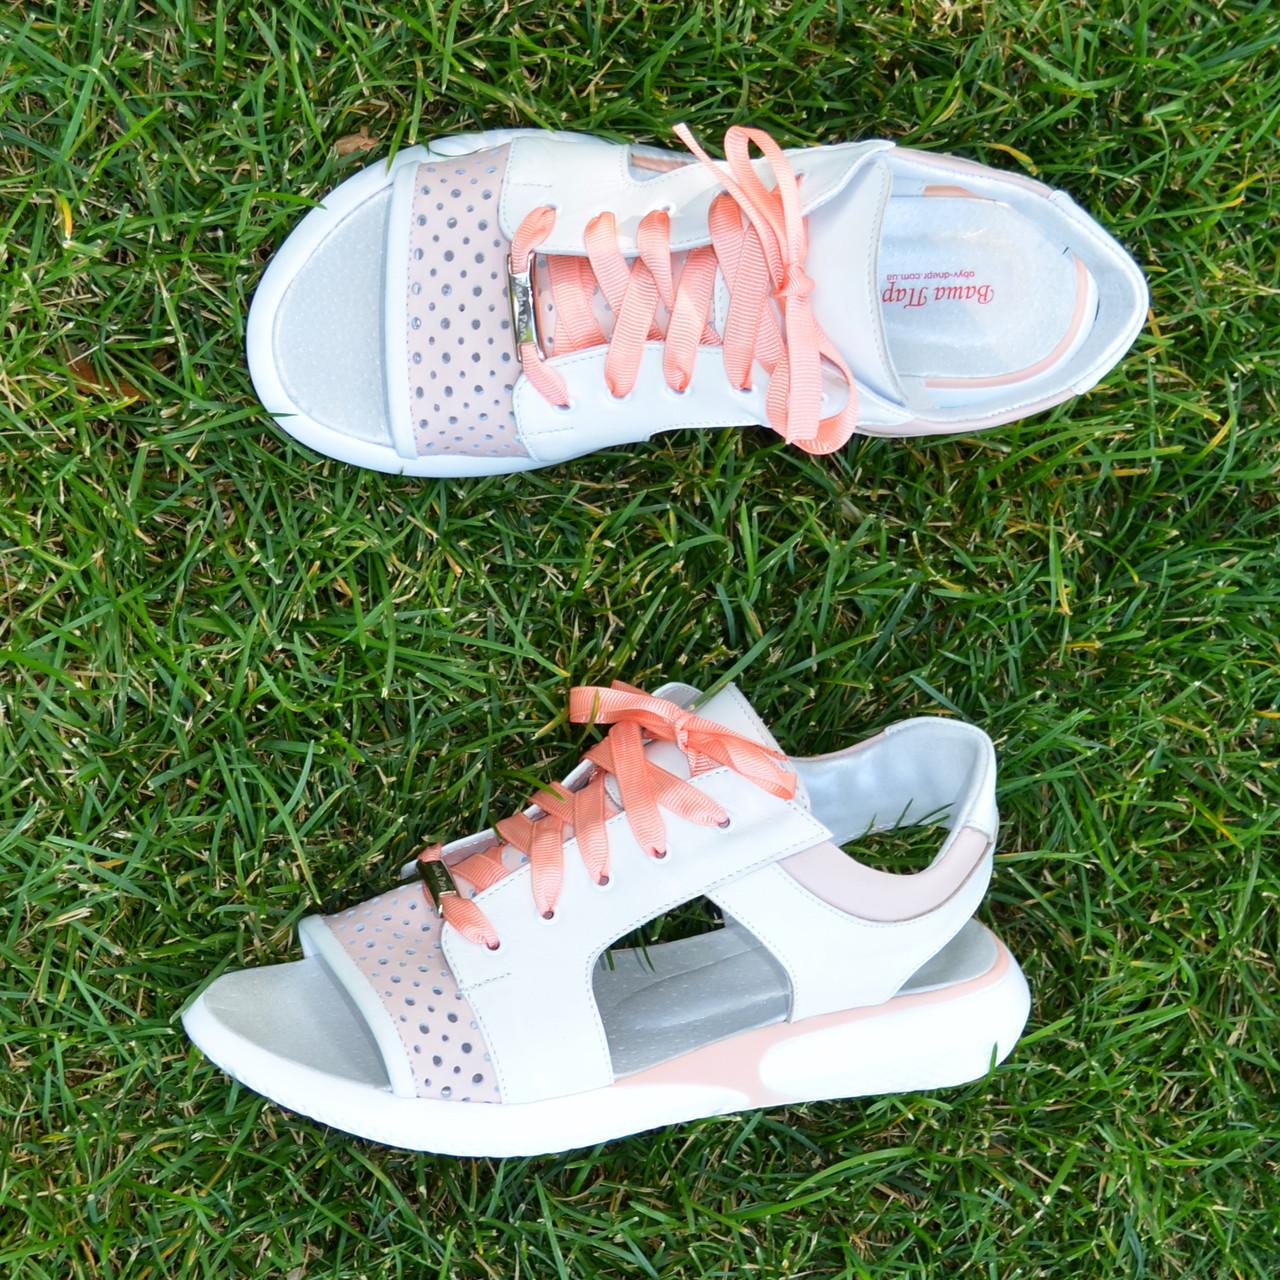 Босоножки спортивные кожаные на шнурках, цвет белый/пудра. 37 размер